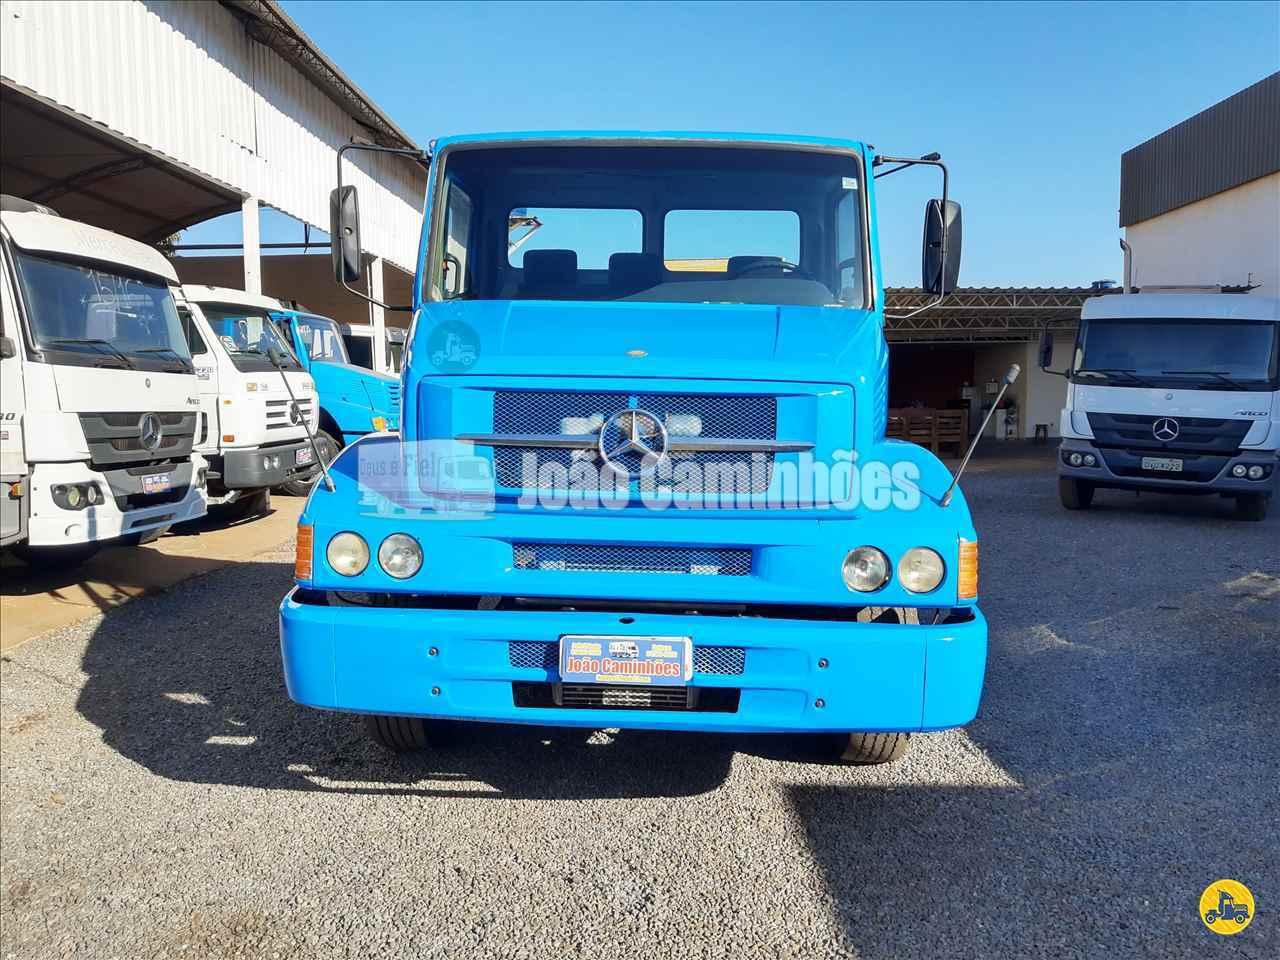 CAMINHAO MERCEDES-BENZ MB 1620 Chassis Truck 6x2 João Caminhões BRASILIA DISTRITO FEDERAL DF